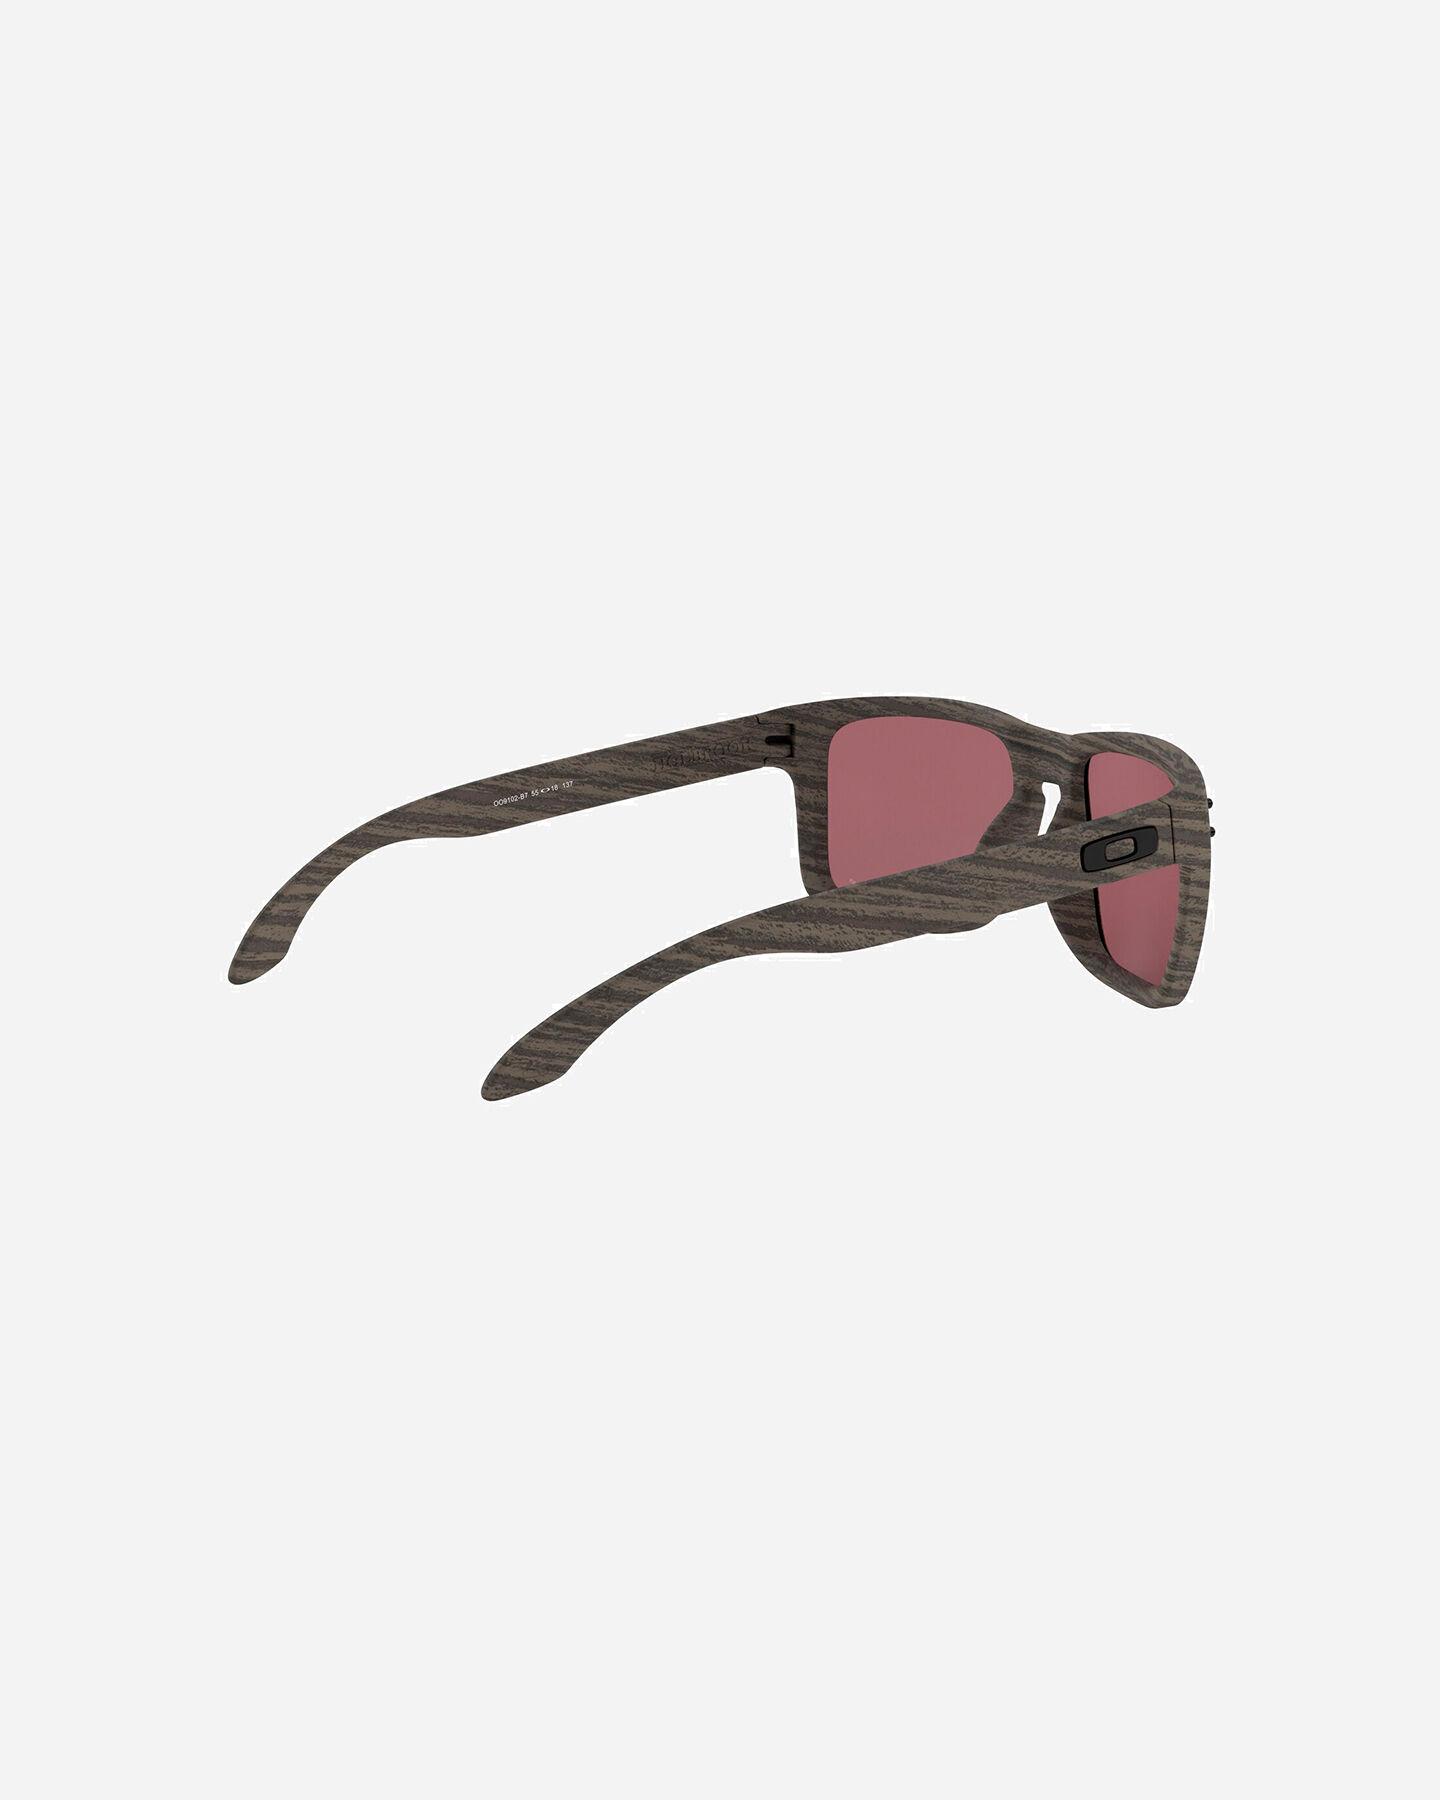 Occhiali OAKLEY HOLBROOK WOODGRAIN PRIZM S4002501 9999 UNI scatto 2